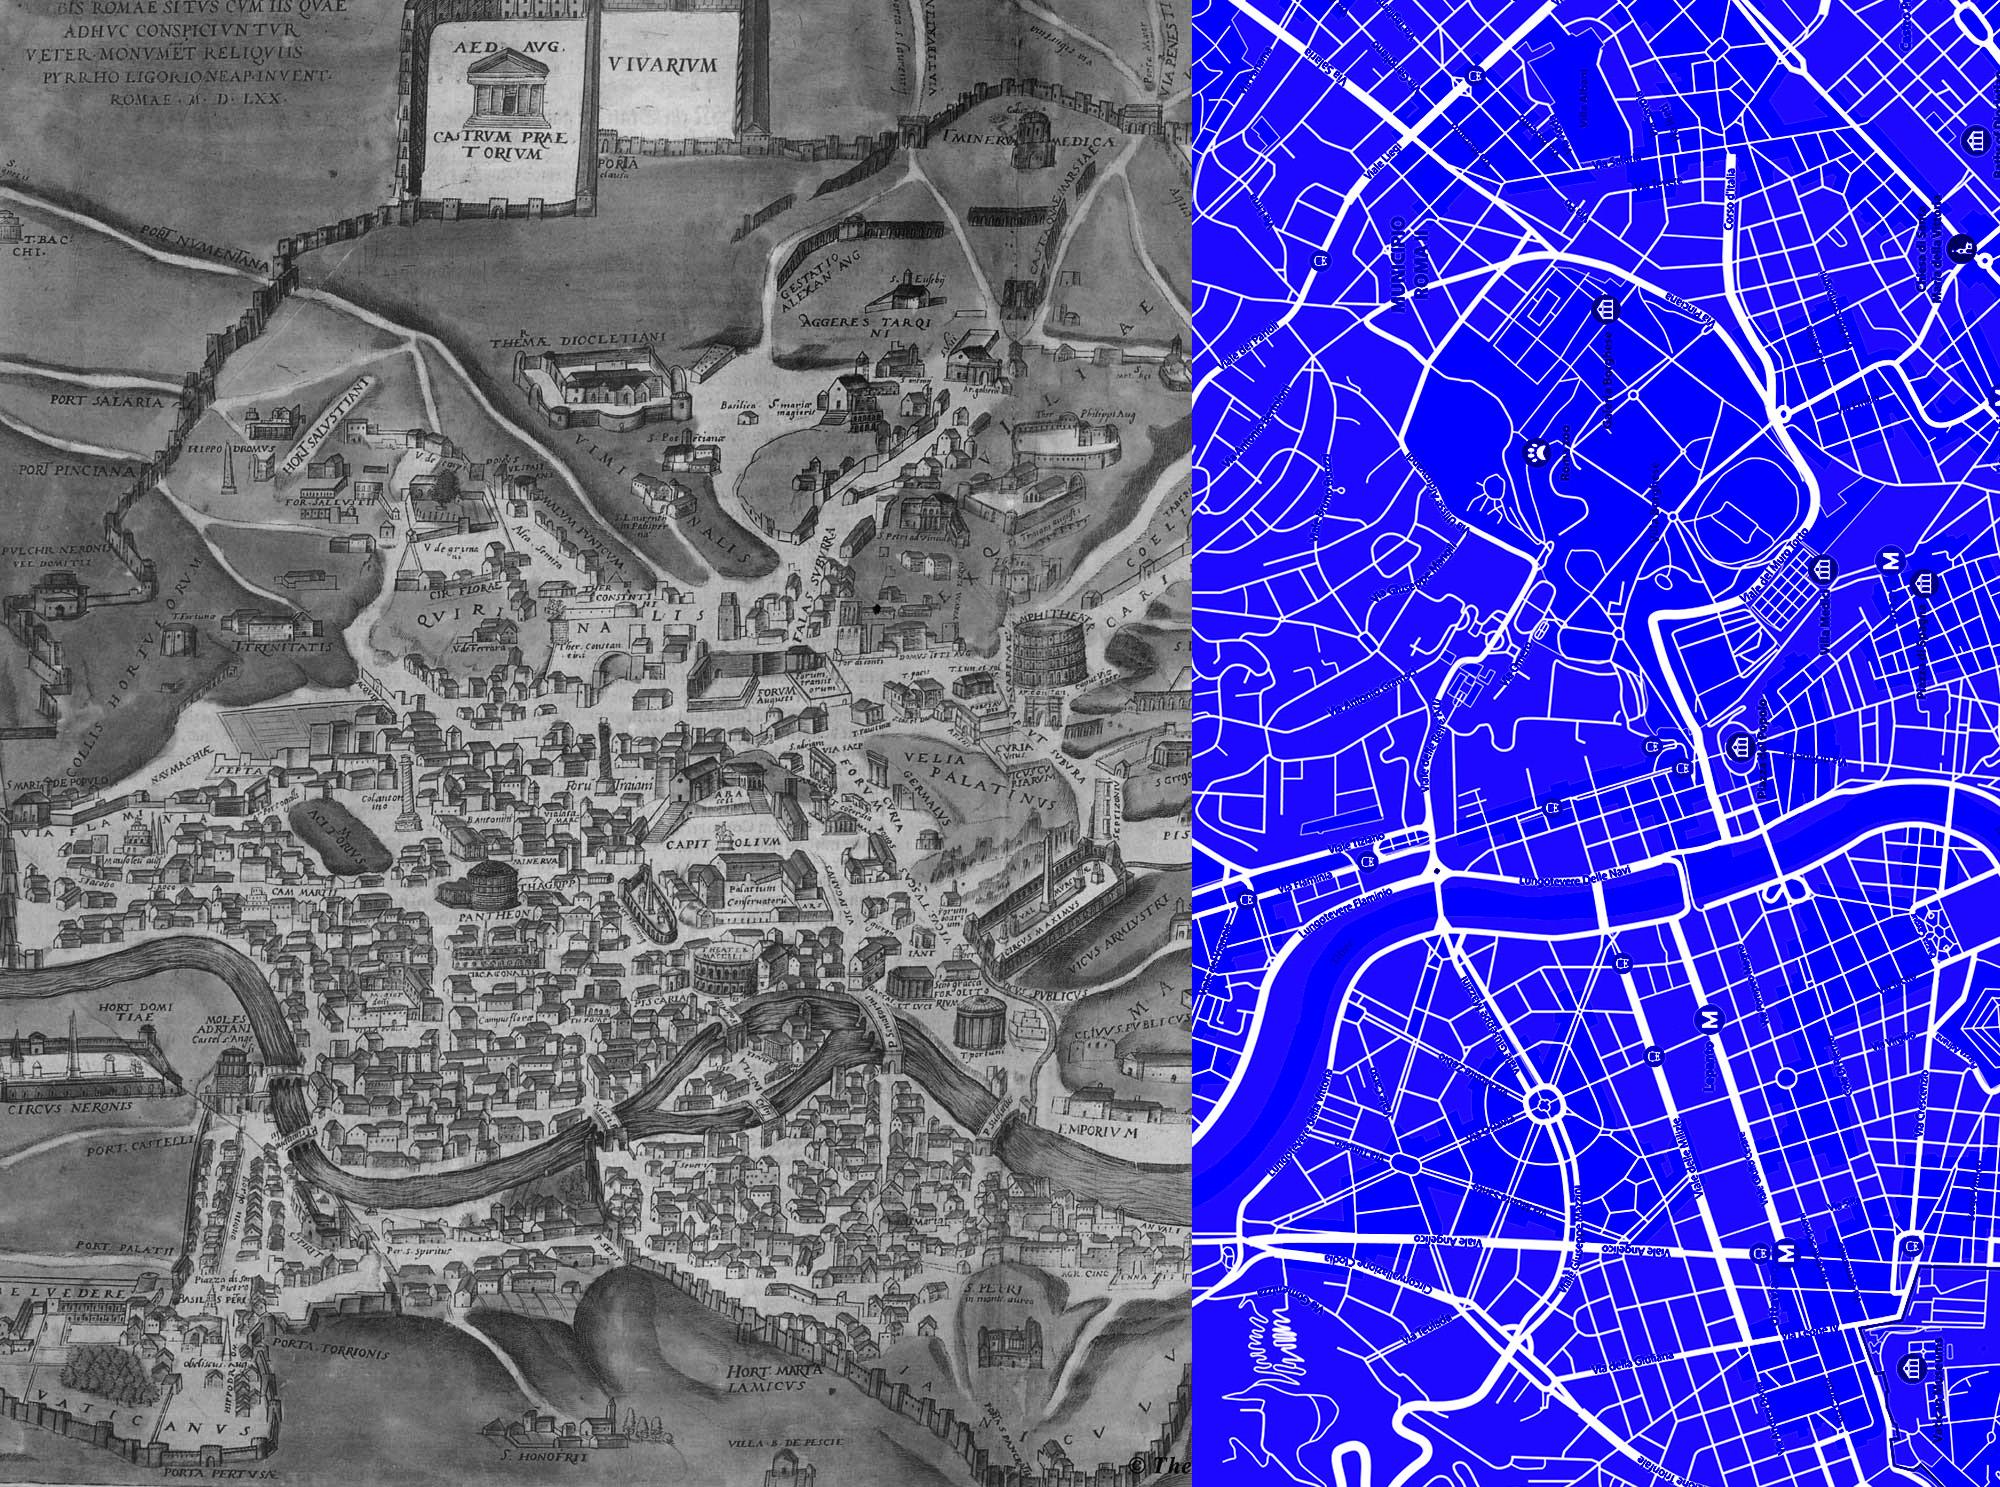 Urbs et Natura: A város embere, az ember városa